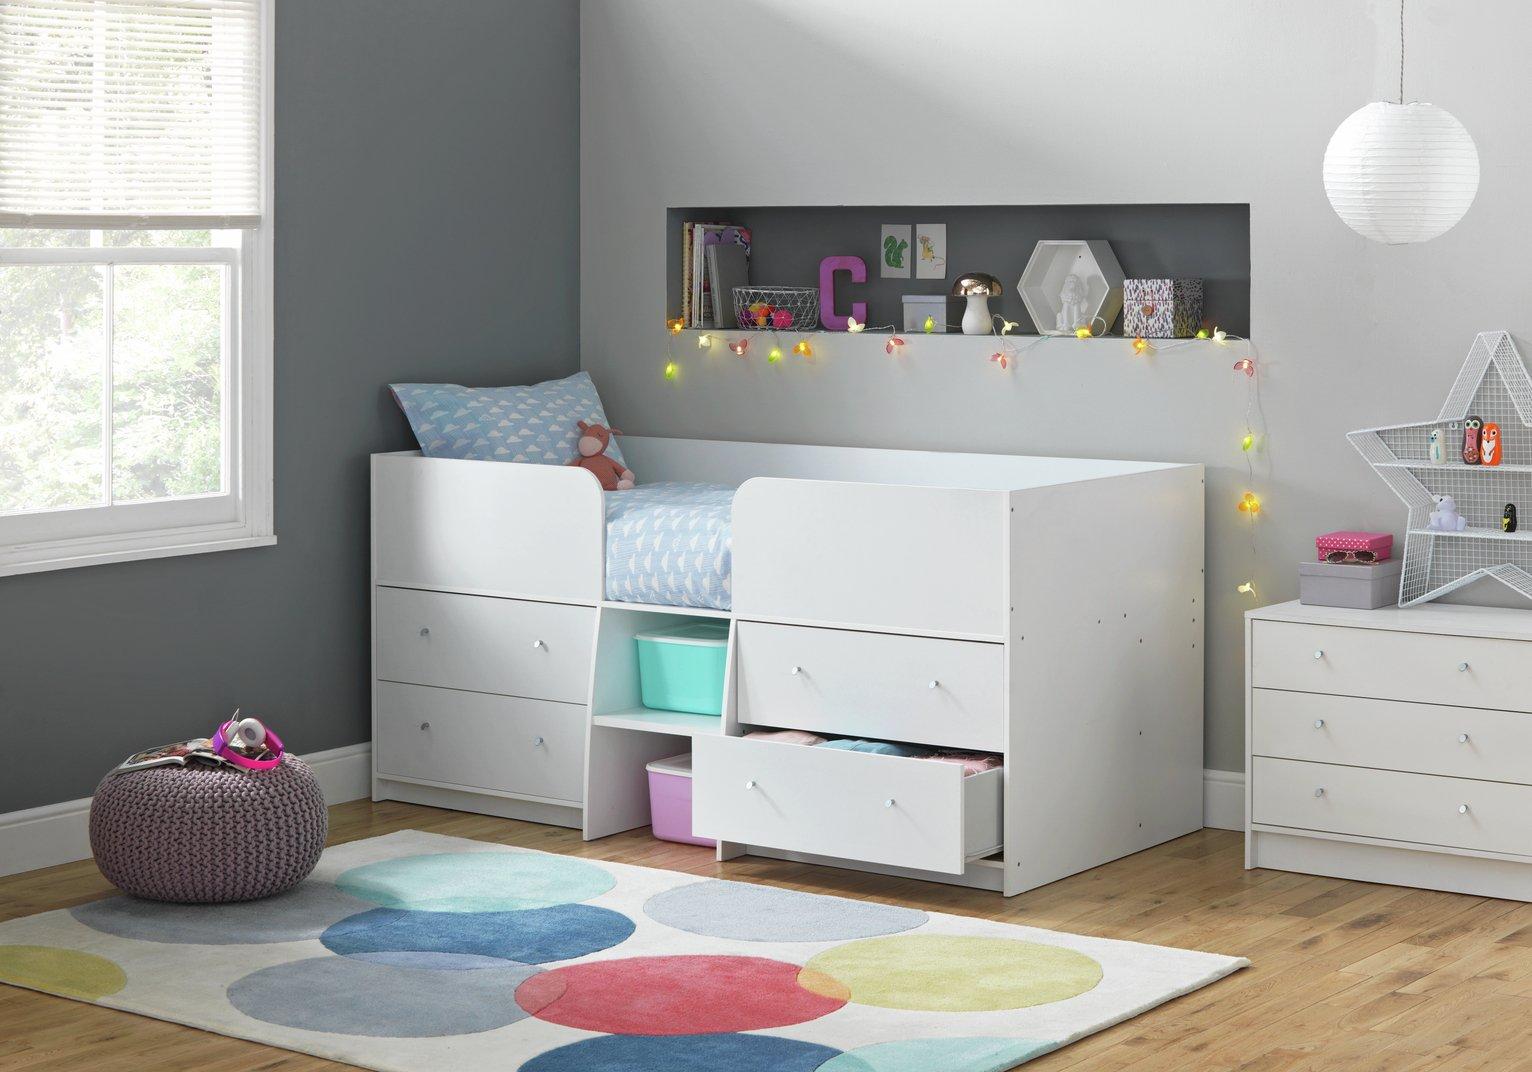 Argos Home Malibu Shorty Mid Sleeper - White